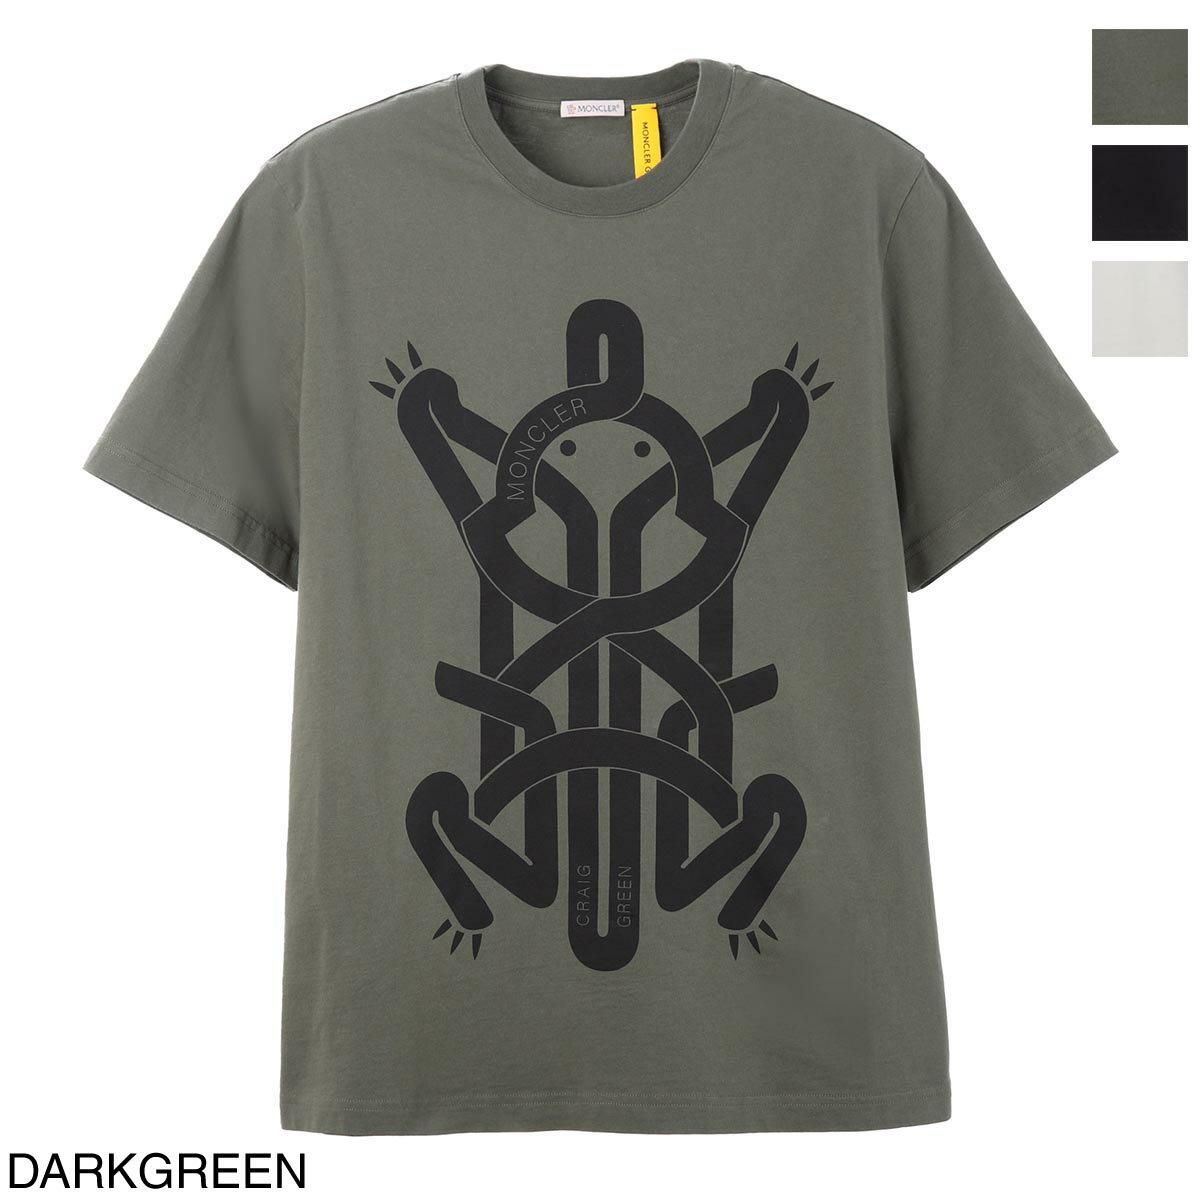 トップス, Tシャツ・カットソー  MONCLER T 8c00002 809e3 889 MONCLER GENIUS 5 MONCLER CRAIG GREEN2021SS